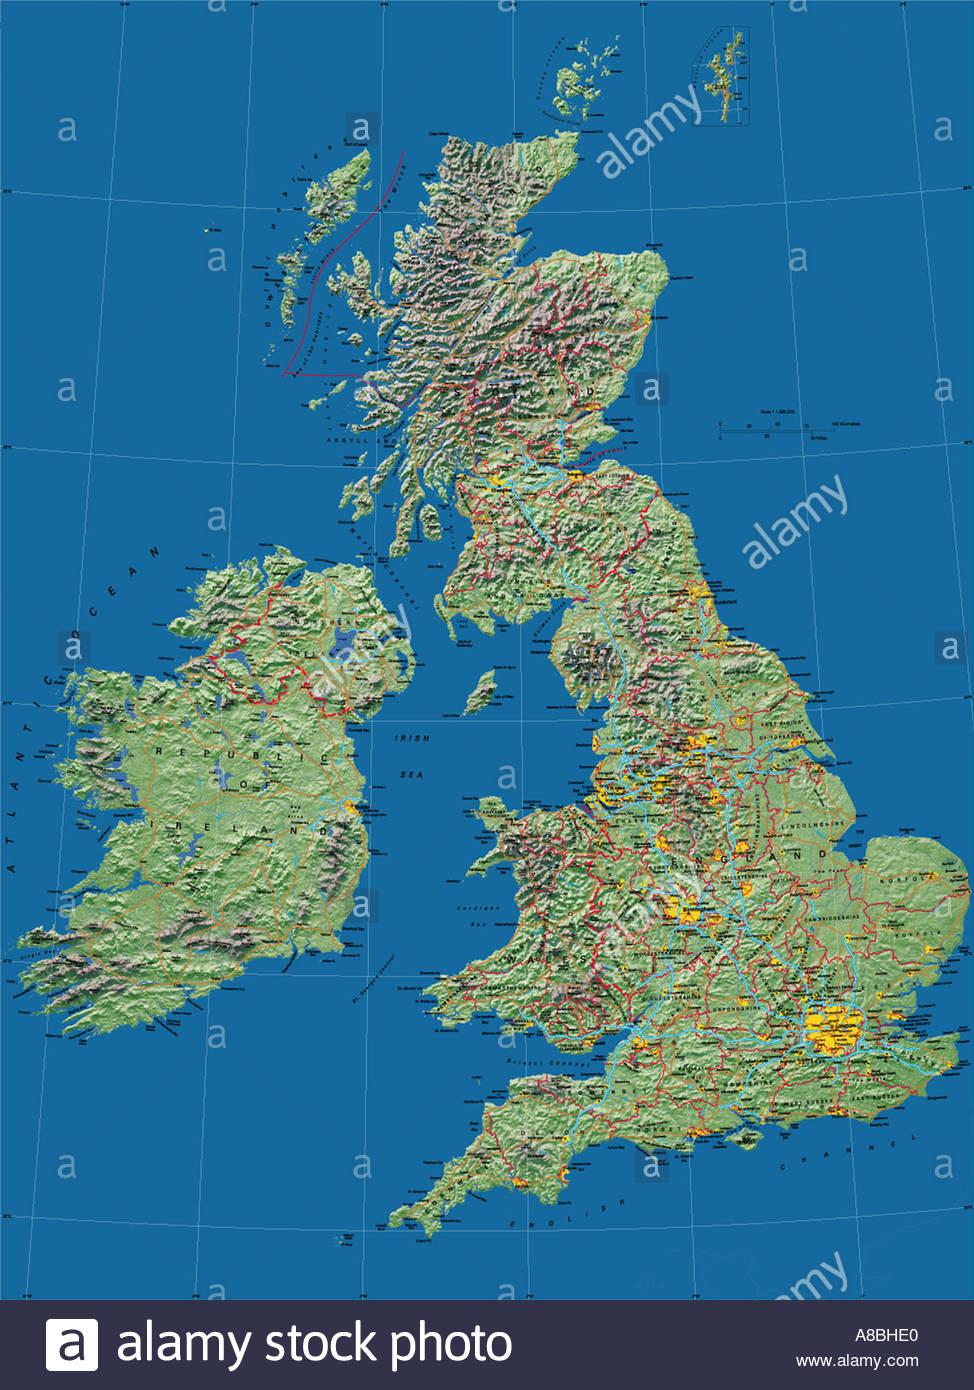 Irland Karte Europa.Karte Karten Europa Vereinigtes Königreich England Wales Schottland